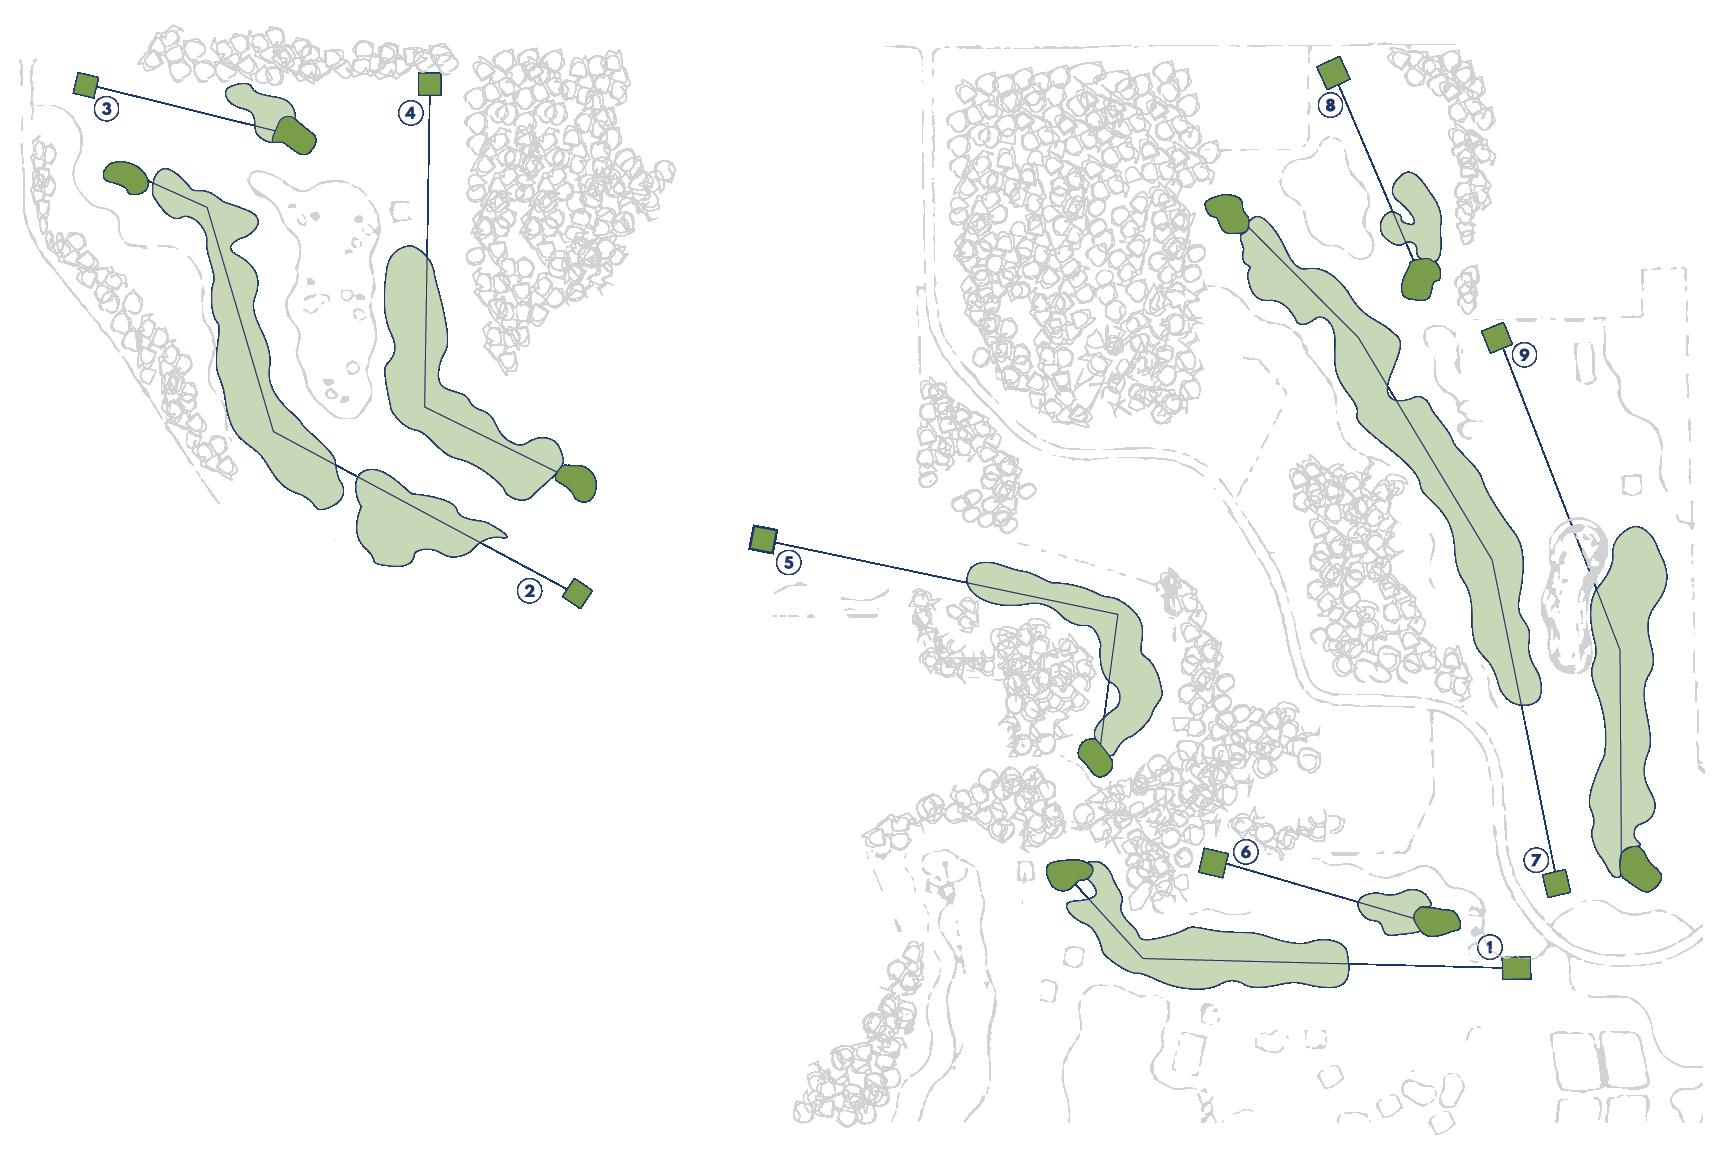 glacial-nine_glacial-nine-course-lines